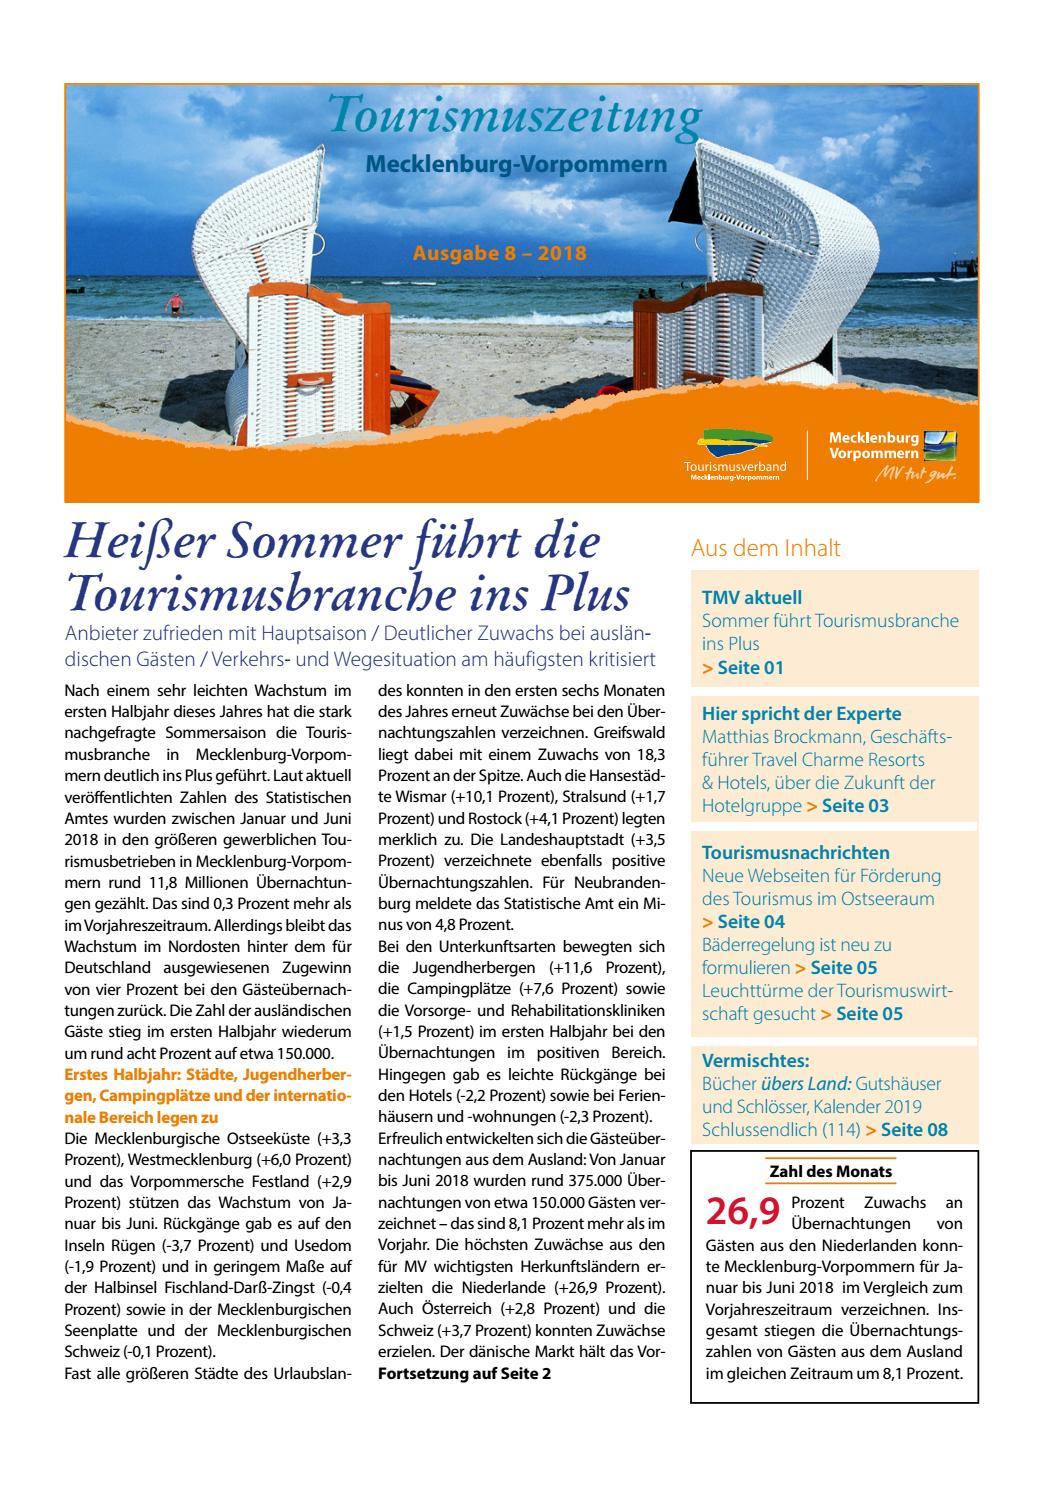 08/2018 Tourismuszeitung Mecklenburg-Vorpommern by Tourismusverband  Mecklenburg-Vorpommern e. V. - issuu